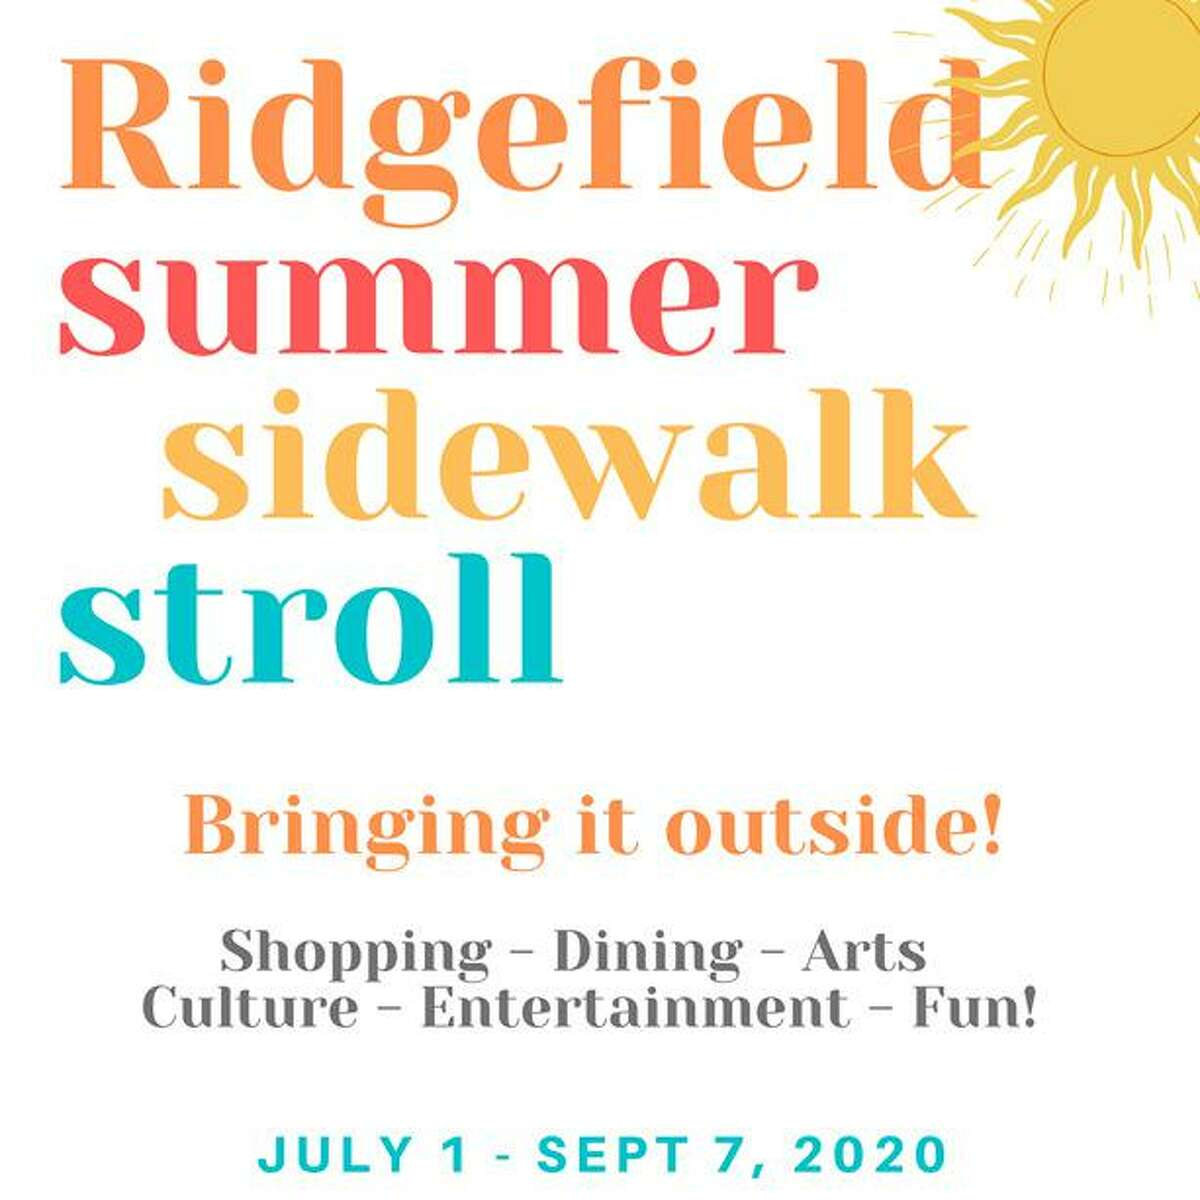 Ridgfield's Summer Sidewalk Stroll kicks off July 1.